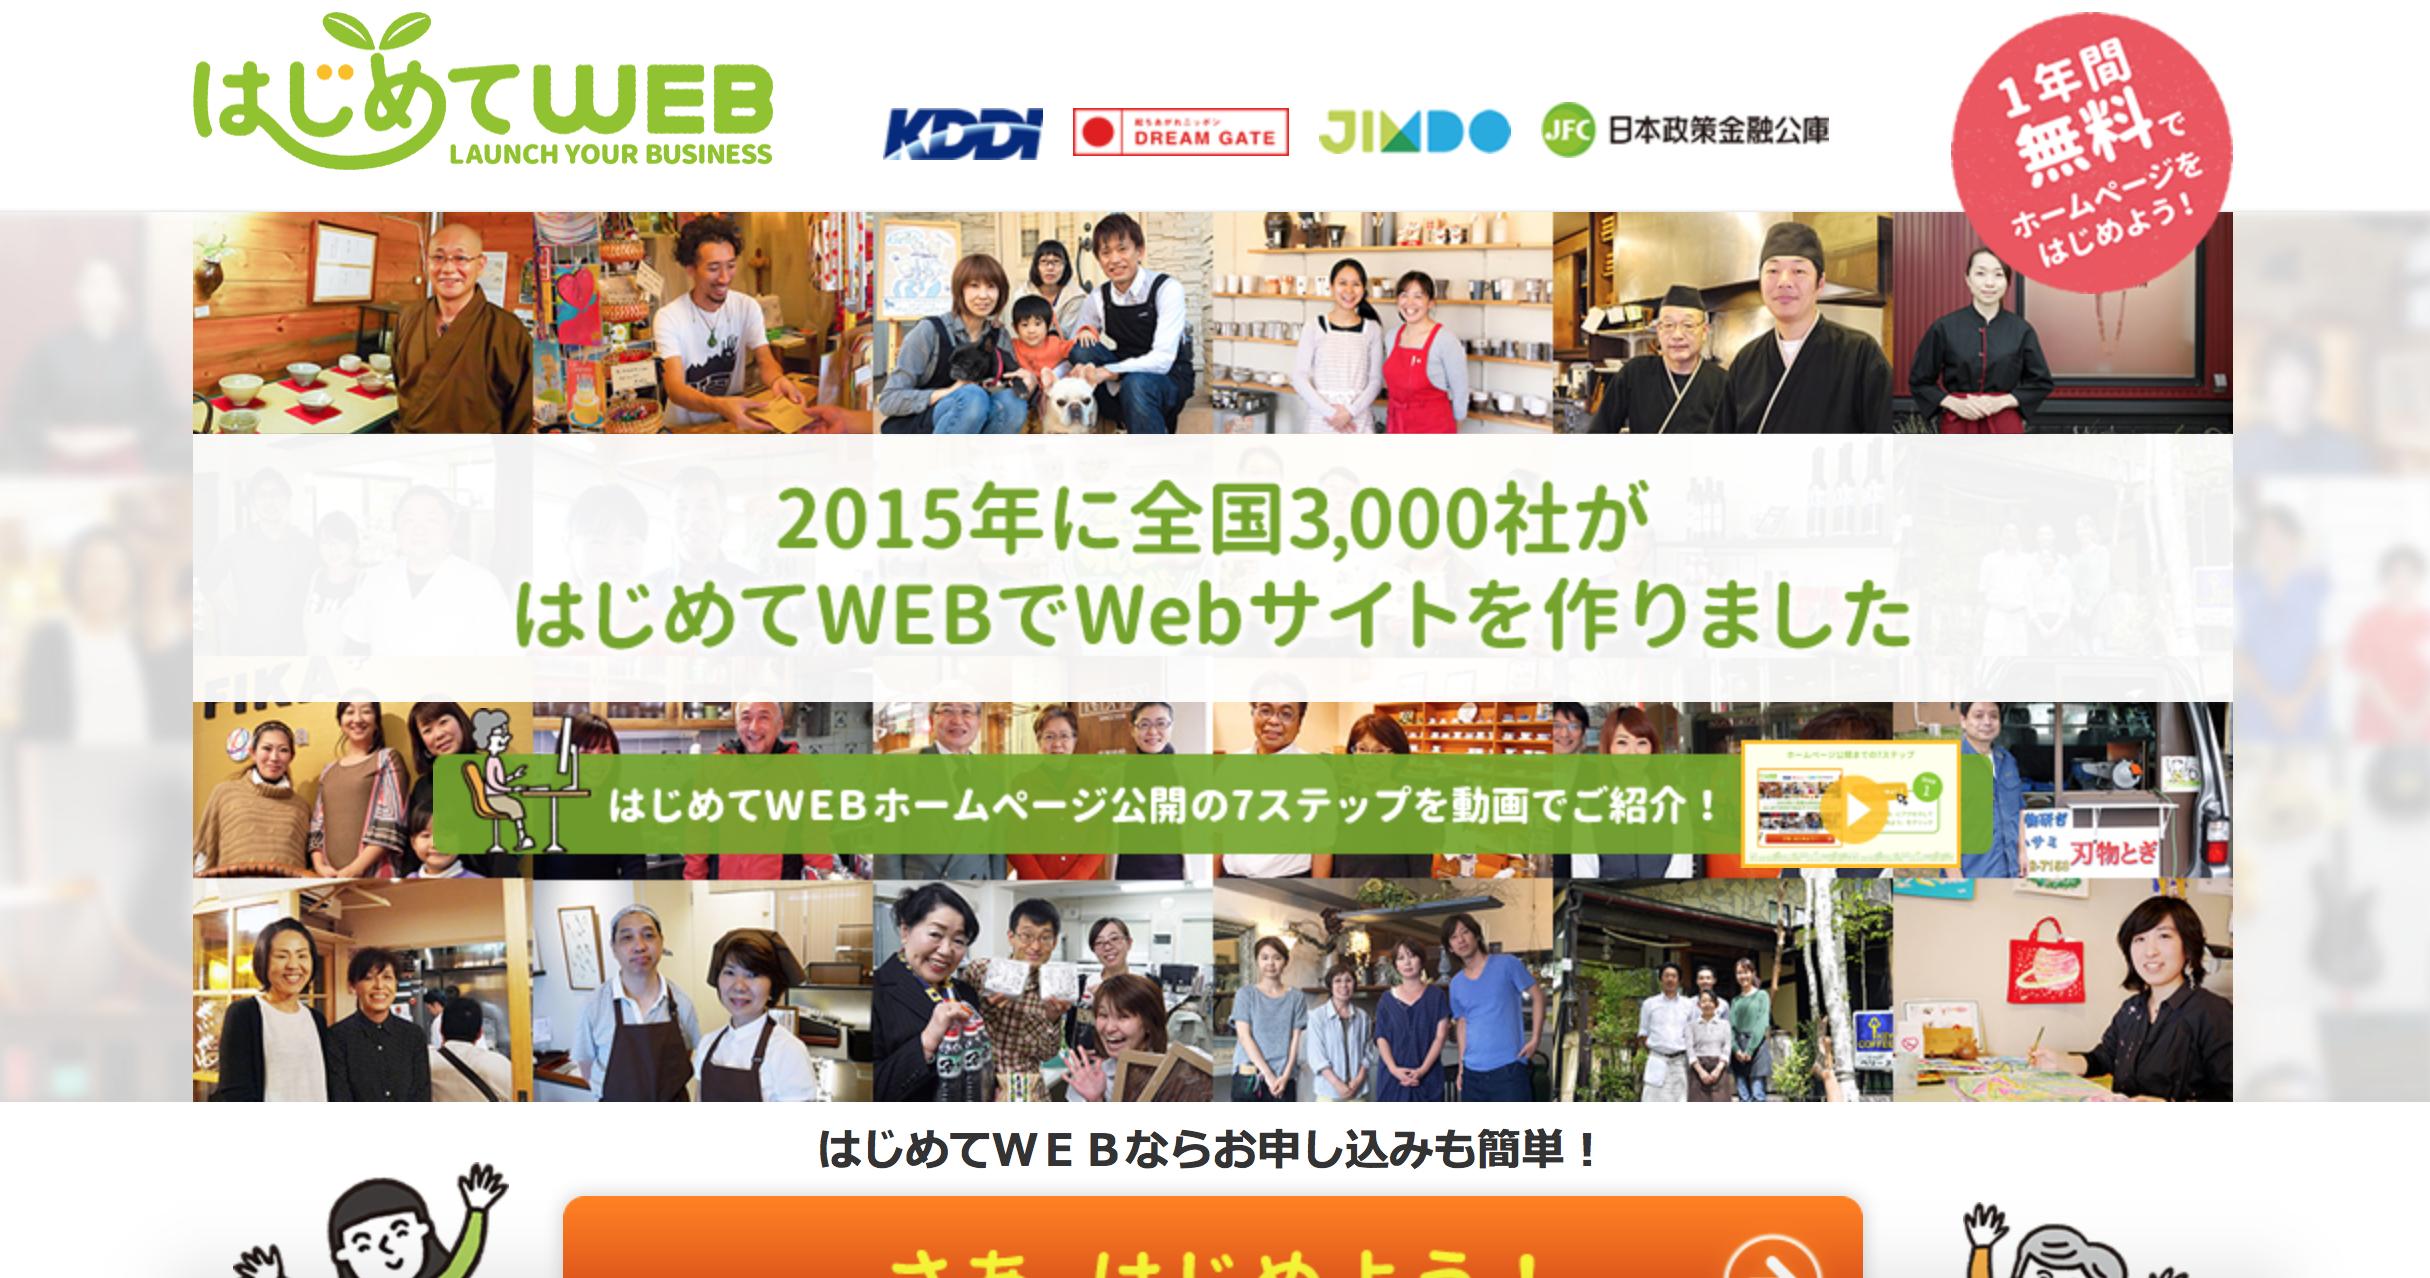 はじめてWEBのトップ画像